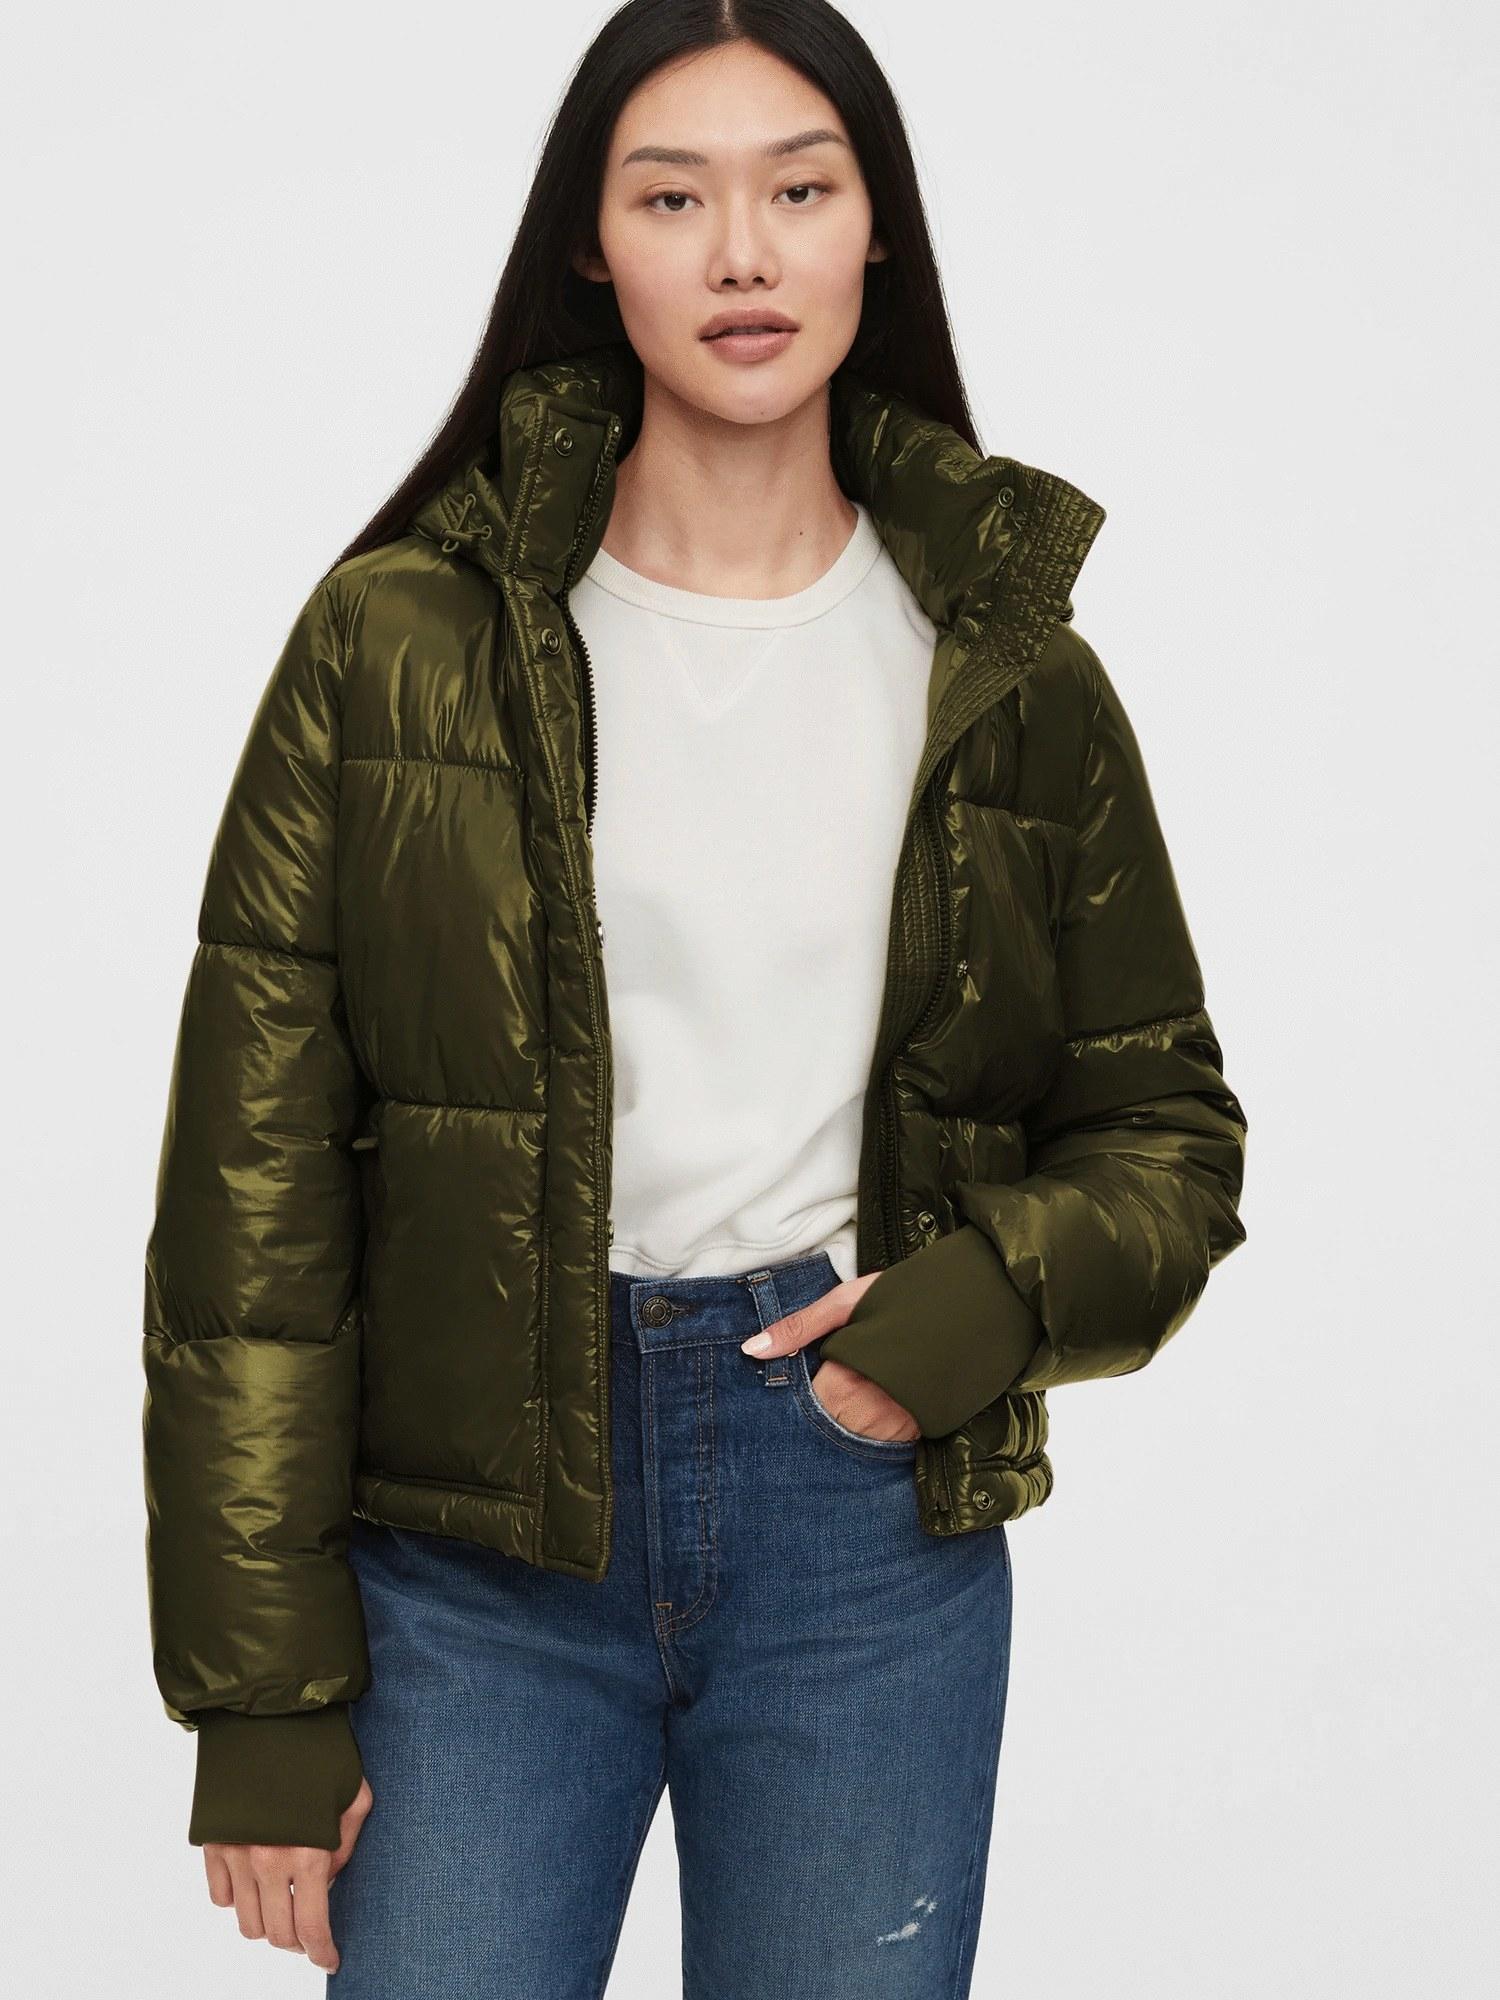 Model wearing green puffer jacket